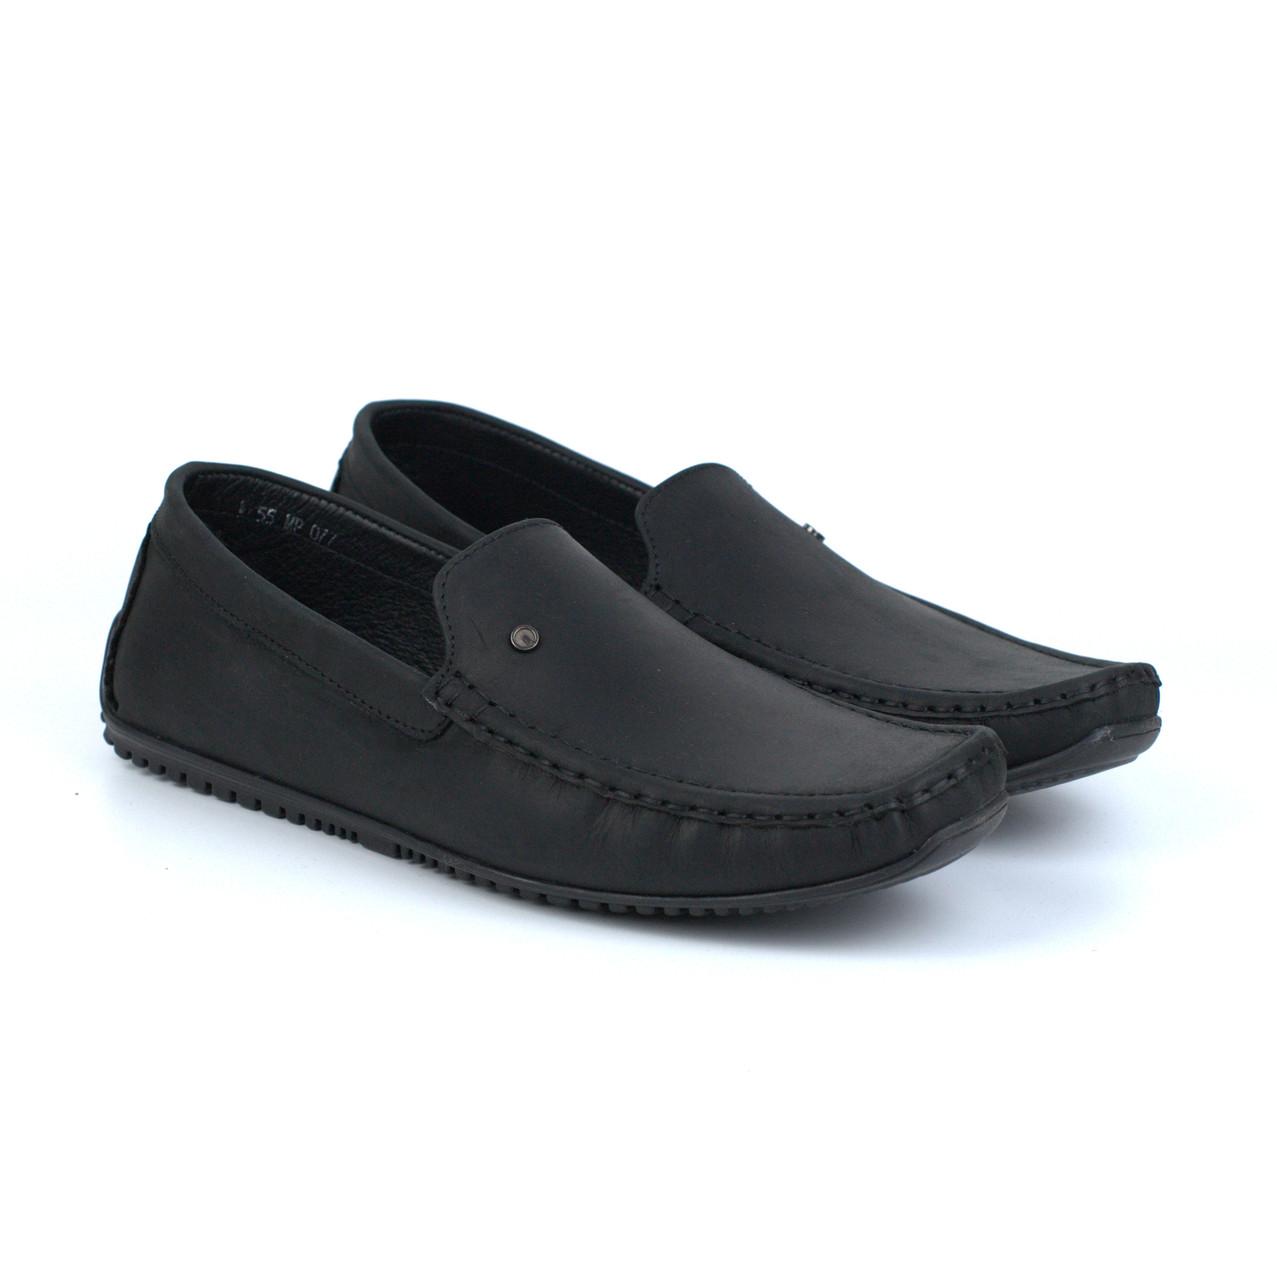 Мокасины мужские кожаные черные стильные весенняя обувь демисезонная Rosso Avangard Crazy M5 Alberto